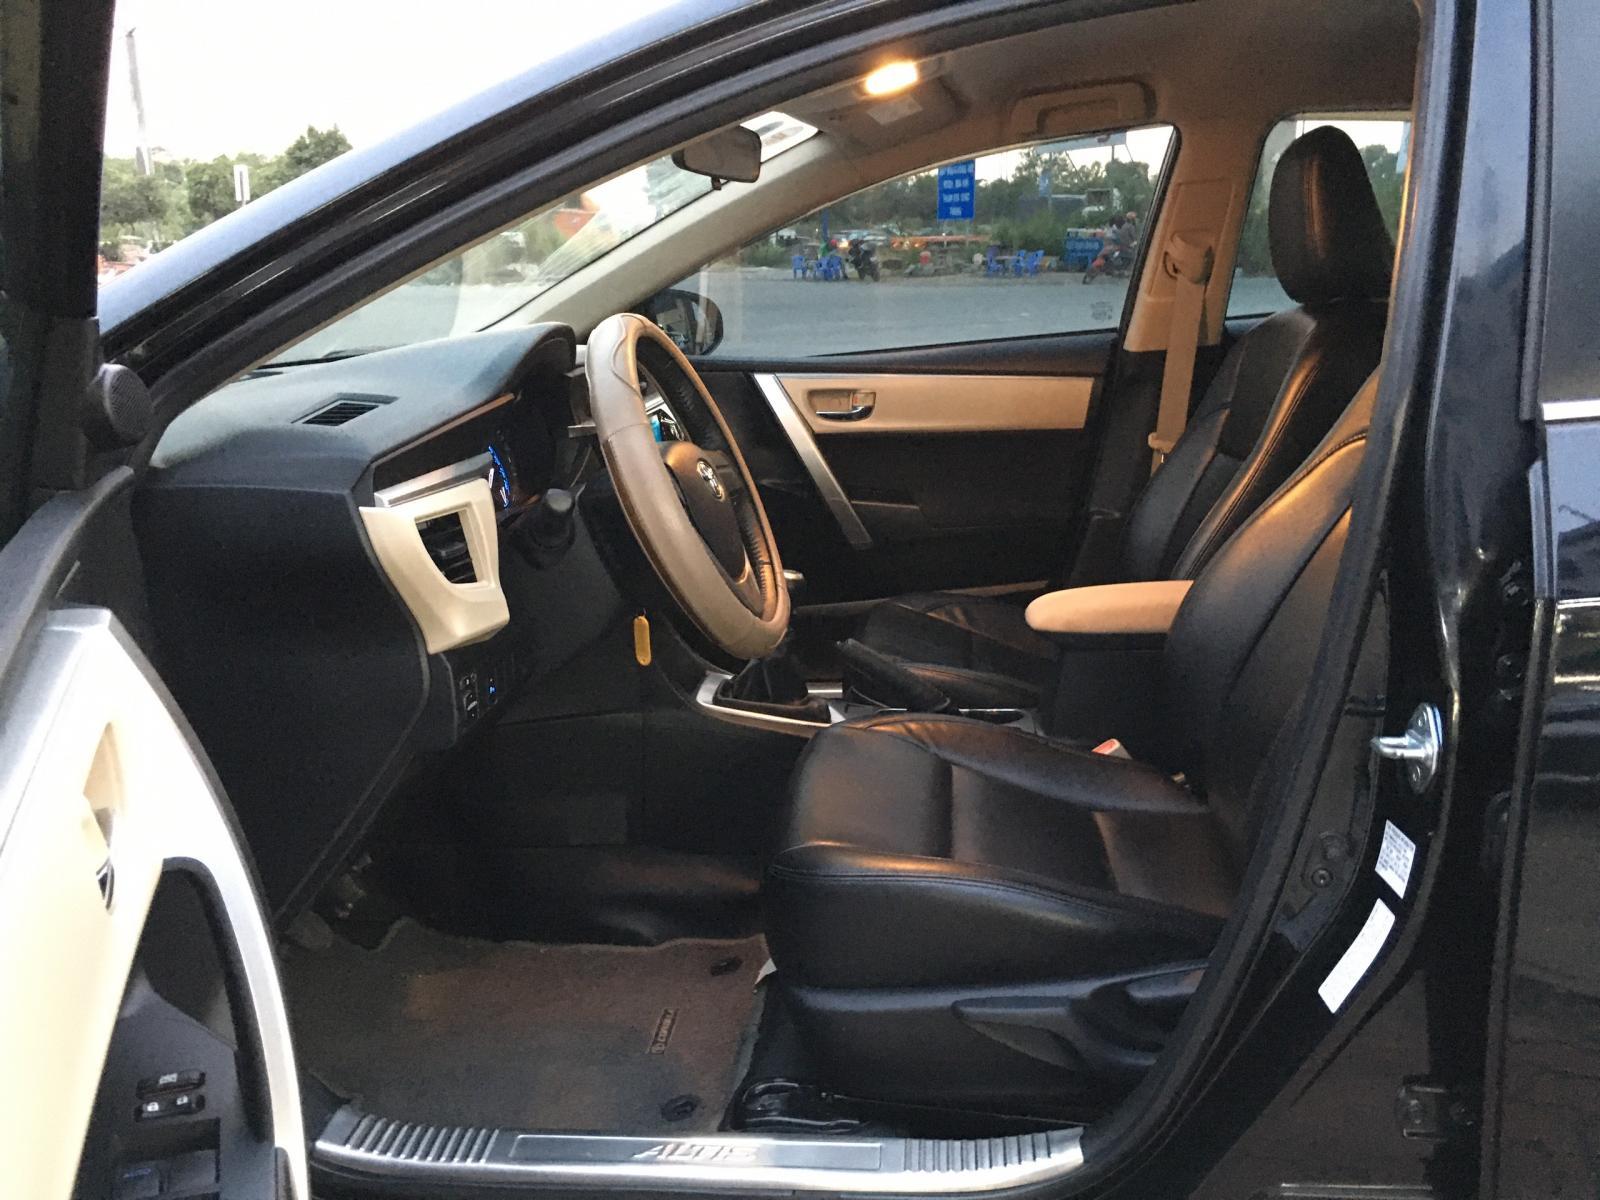 Cần bán xe Toyota Corolla Altis 1.8G đời 2014, màu đen, giá thương lượng